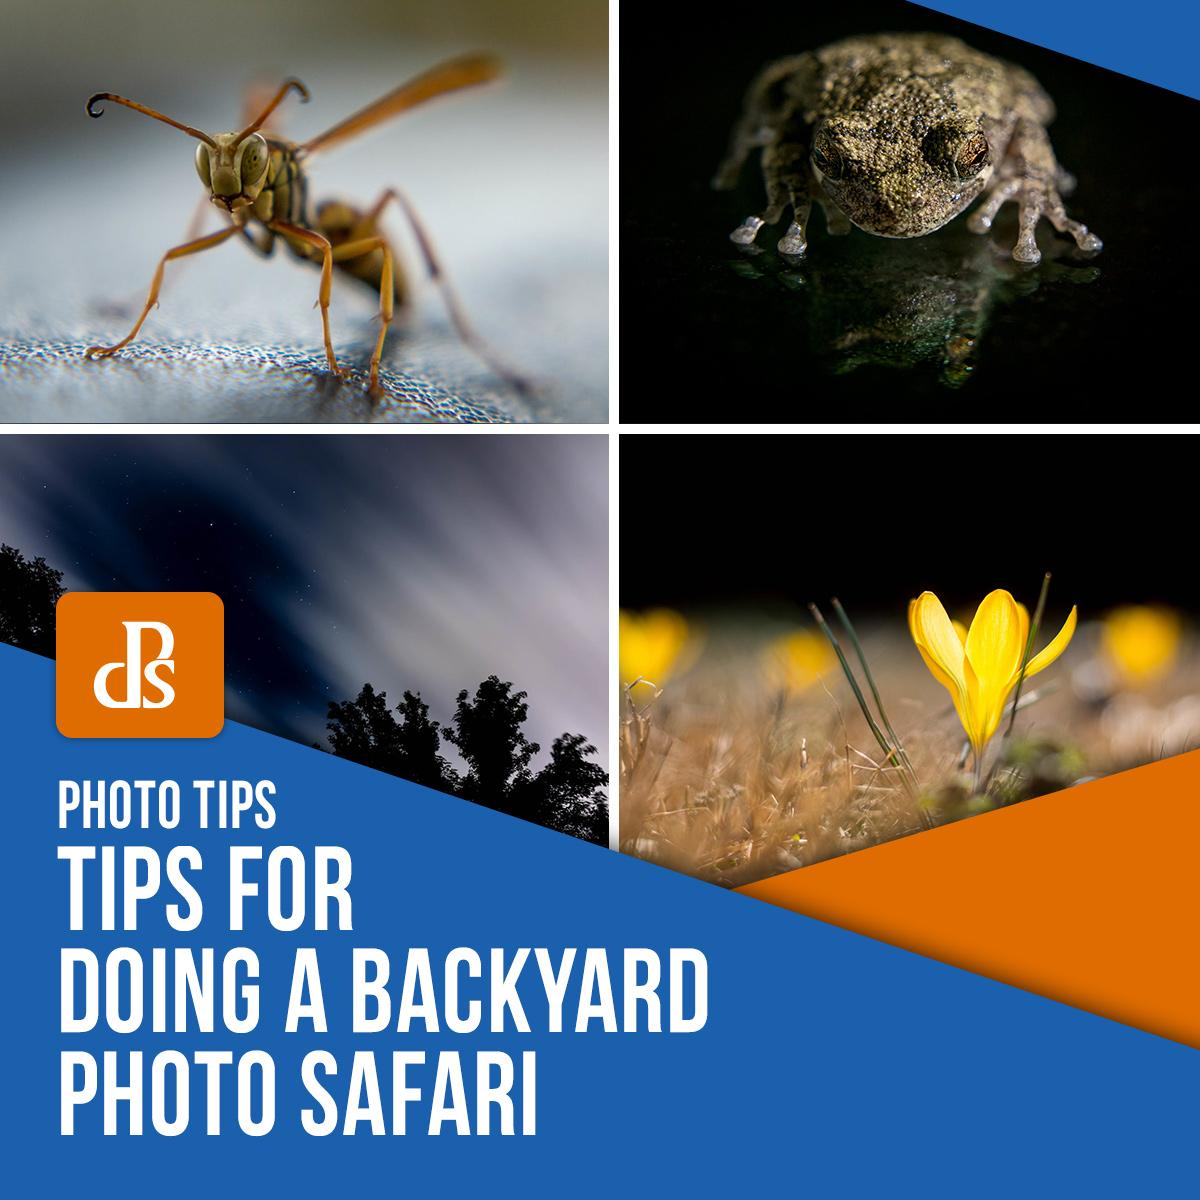 dps-tips-for-doing-a-backyard-photo-safari